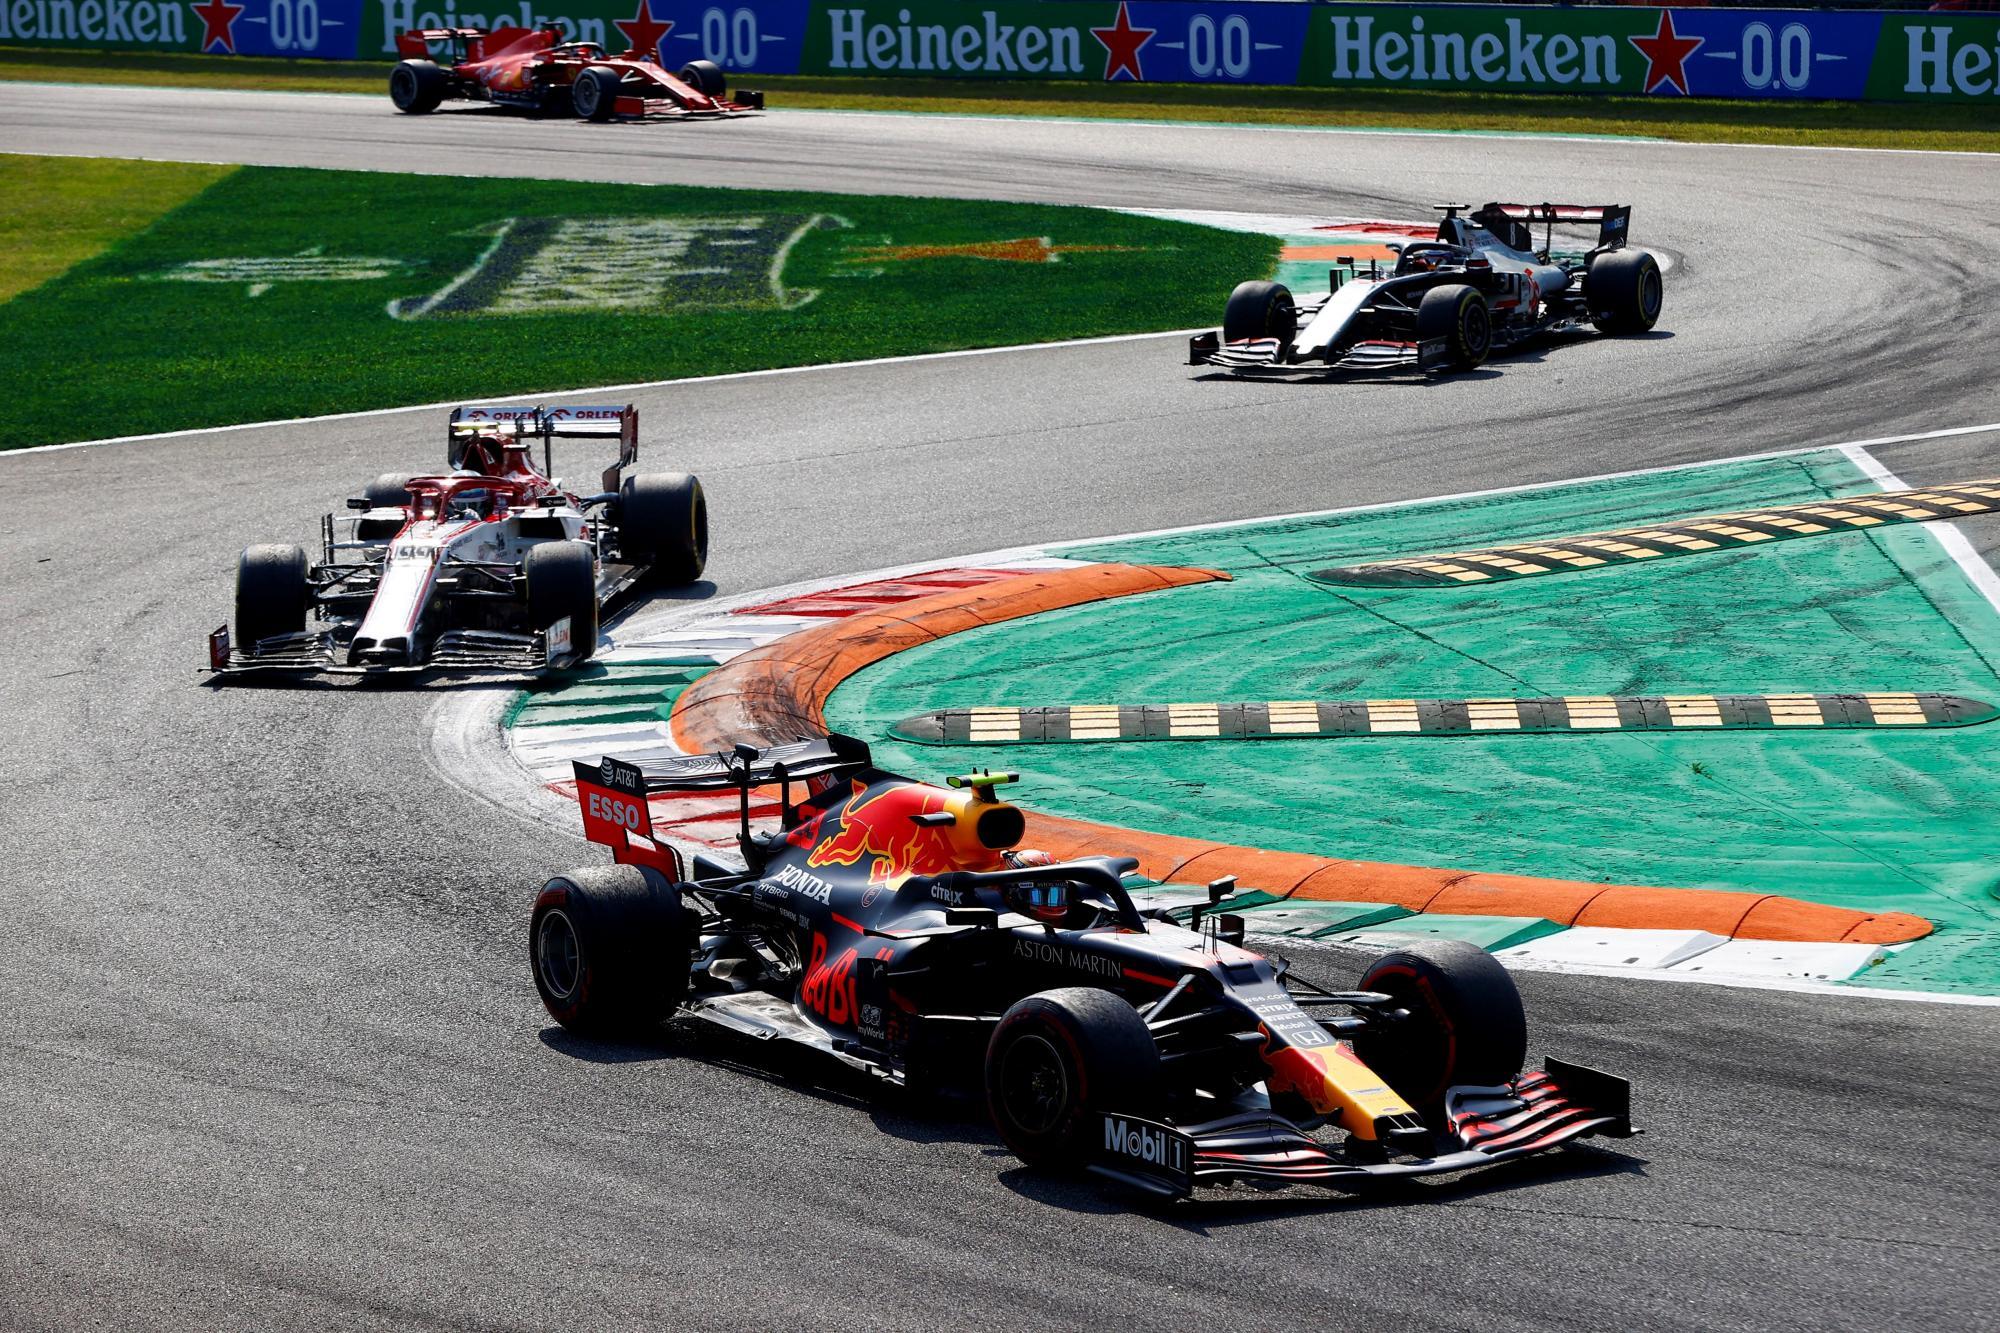 Θρίαμβος της Honda στην F1